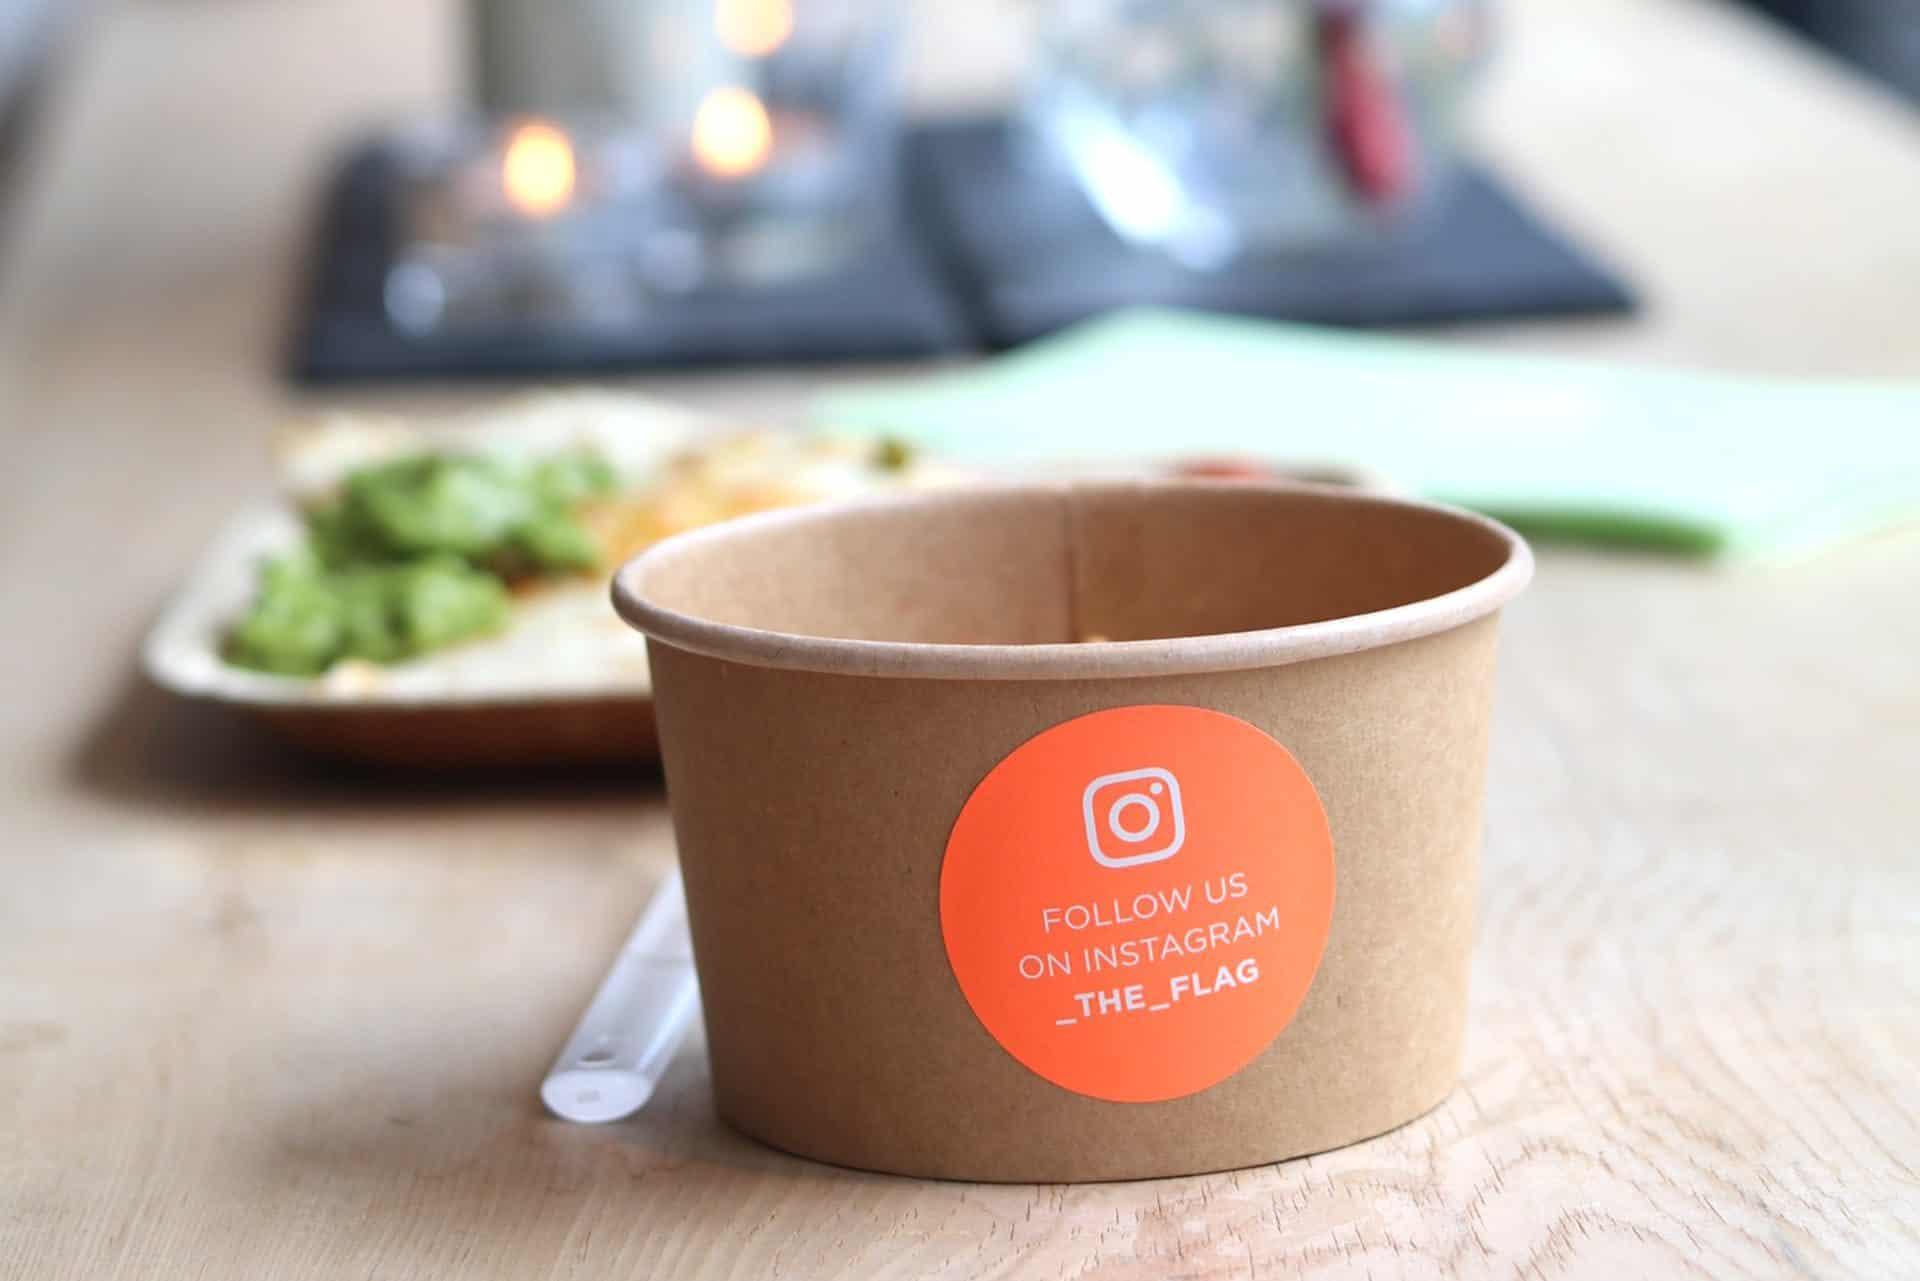 """Papierschüssel mit einem Aufkleber mit der Aufschrift """"Follow us on Instagram _THE_FLAG"""""""